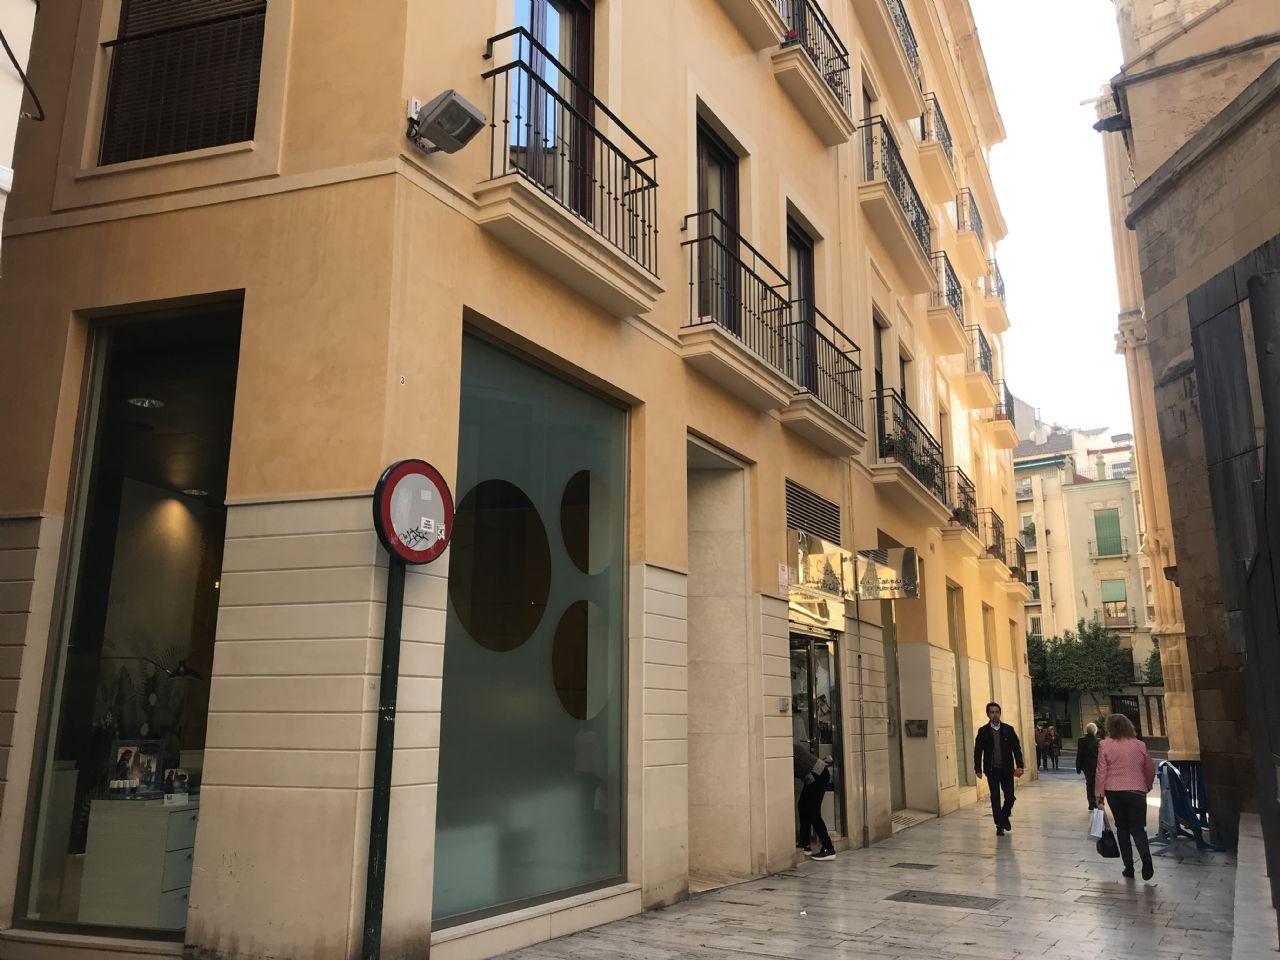 Local comercial en Murcia, CENTRO - CATEDRAL, venta